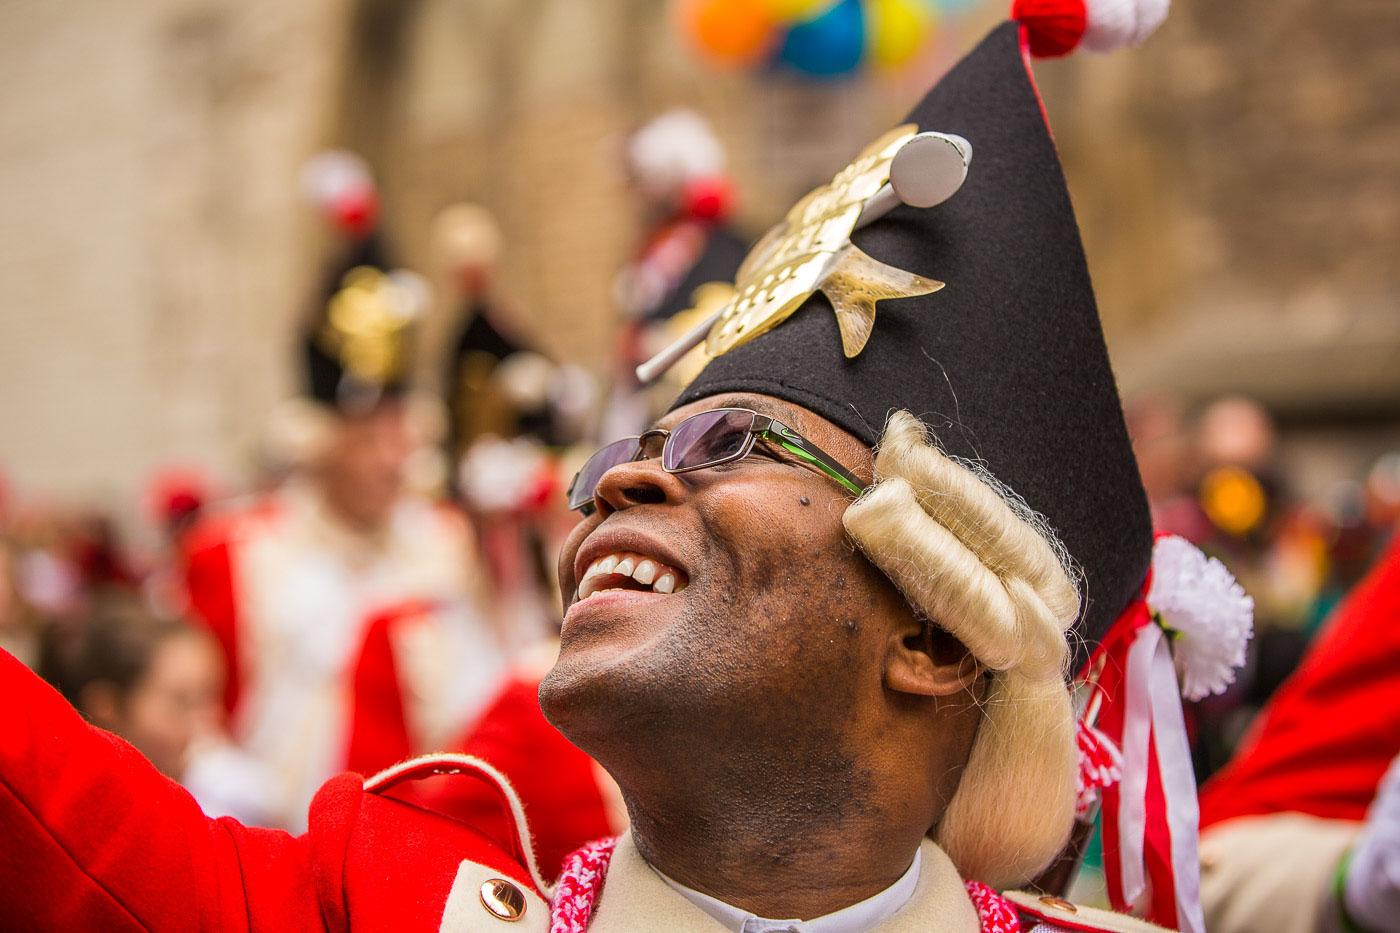 foto-festival-karneval-59